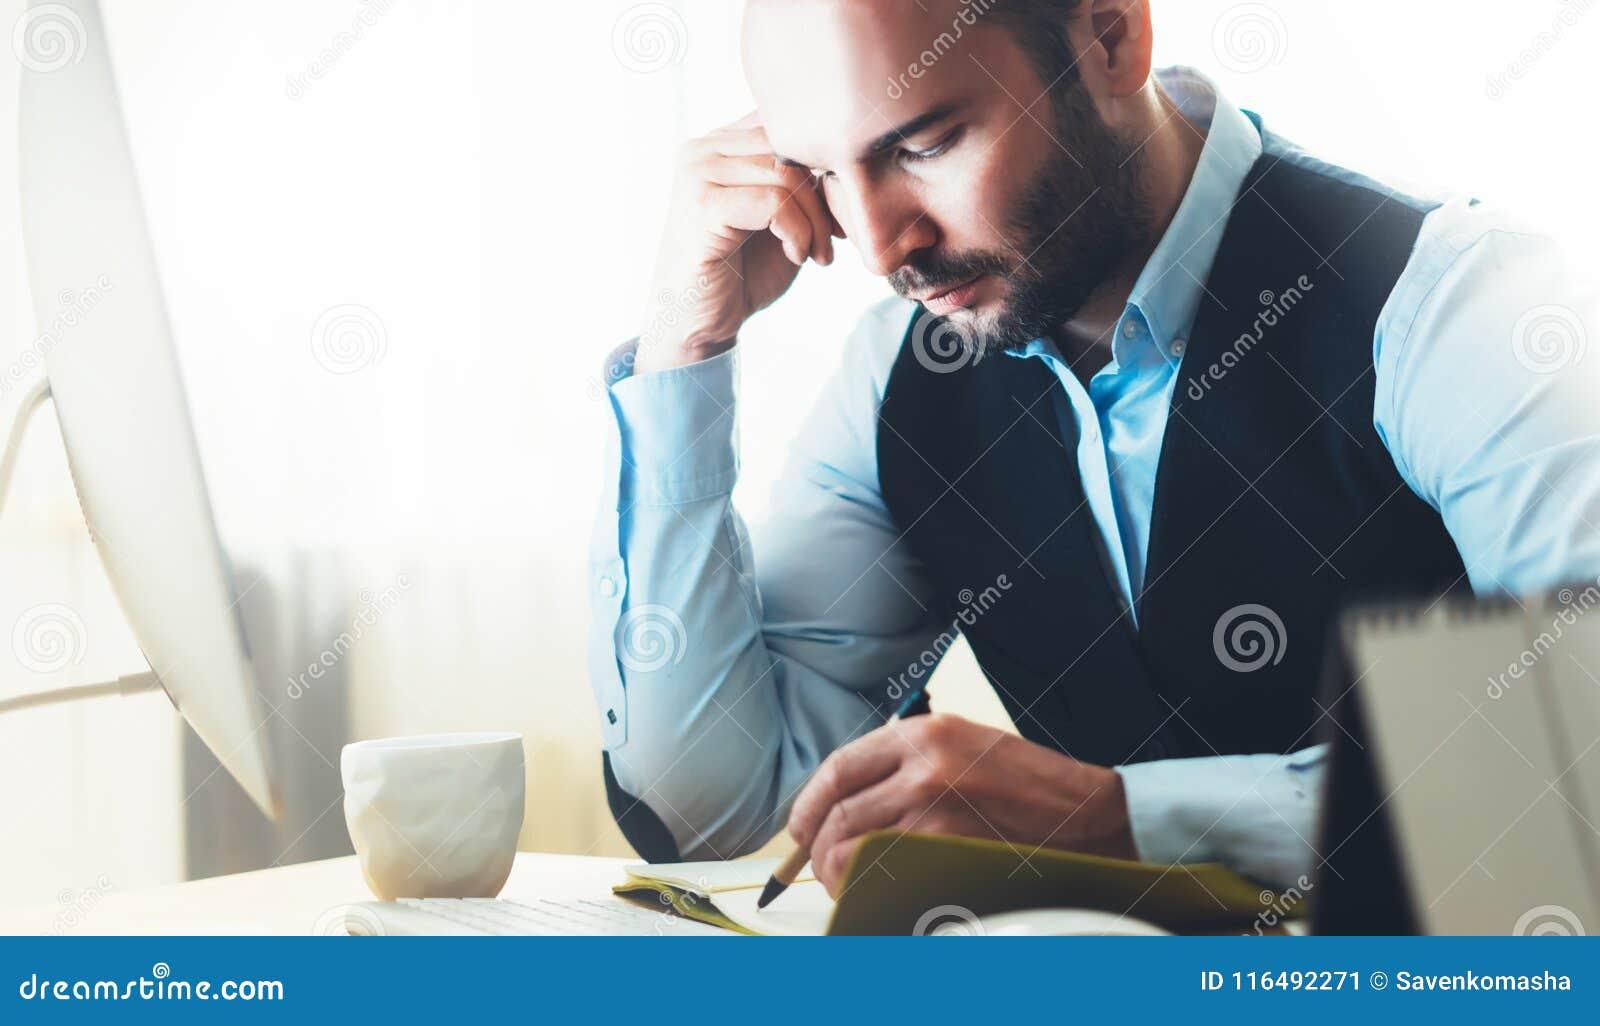 Γενειοφόρος νέος επιχειρηματίας που εργάζεται στο σύγχρονο γραφείο Άτομο συμβούλων που σκέφτεται το κοίταγμα στον υπολογιστή οργά